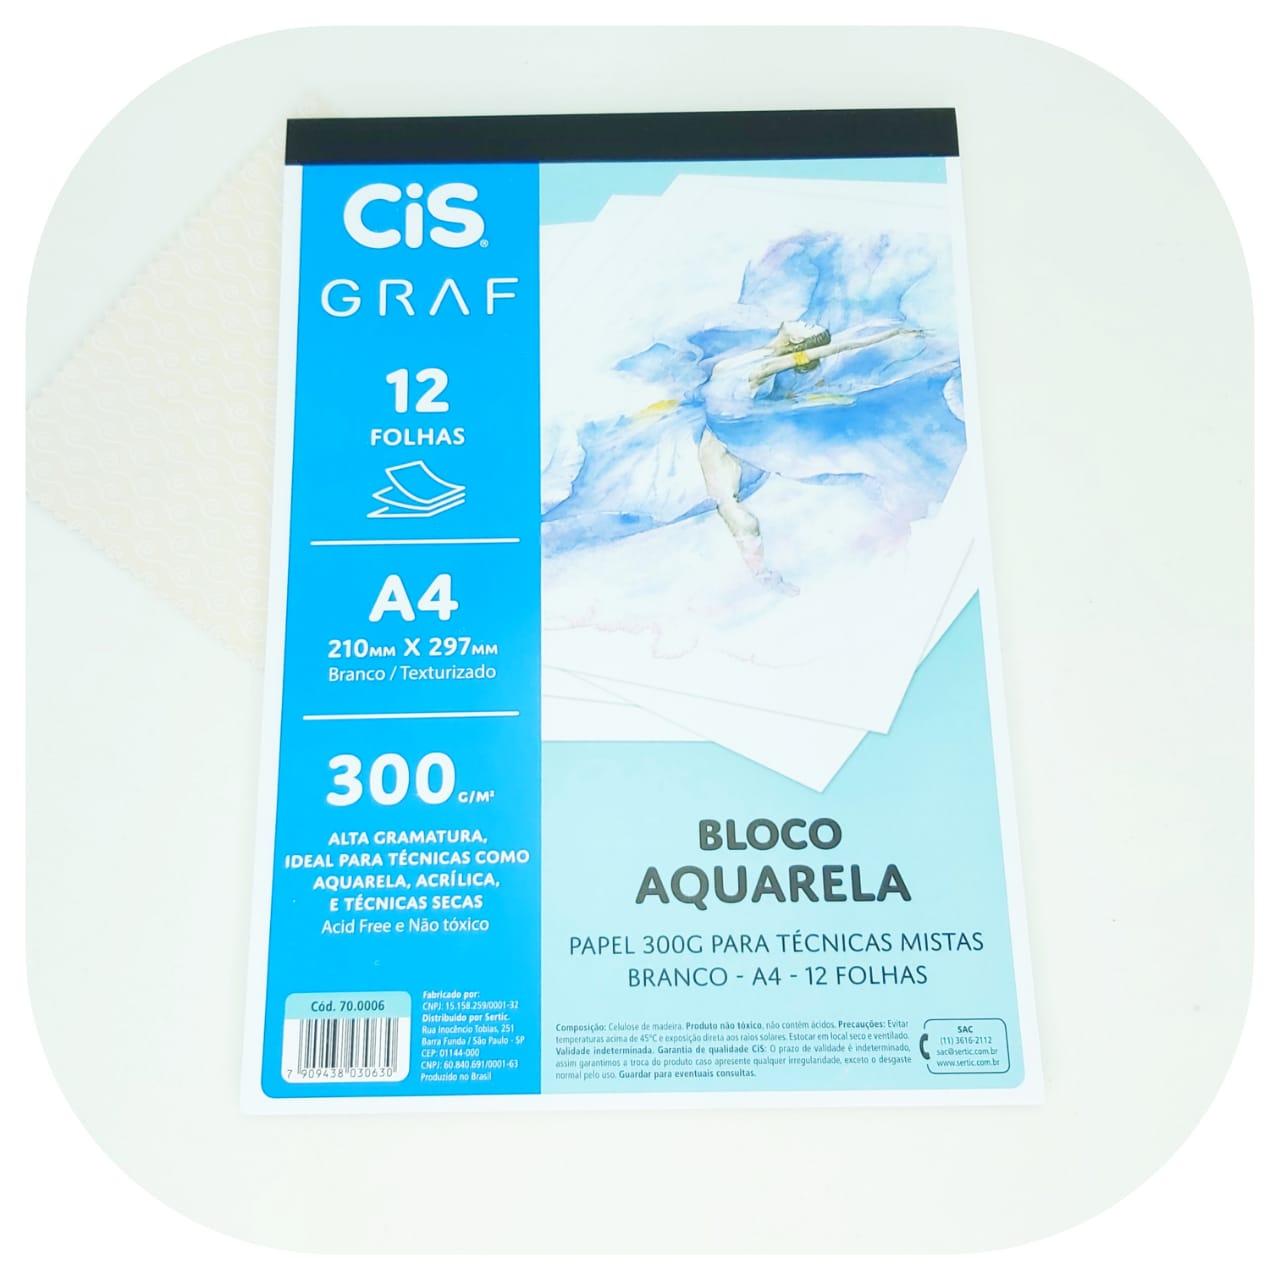 Bloco Aquarela c/12 folhas - 300g - Cis